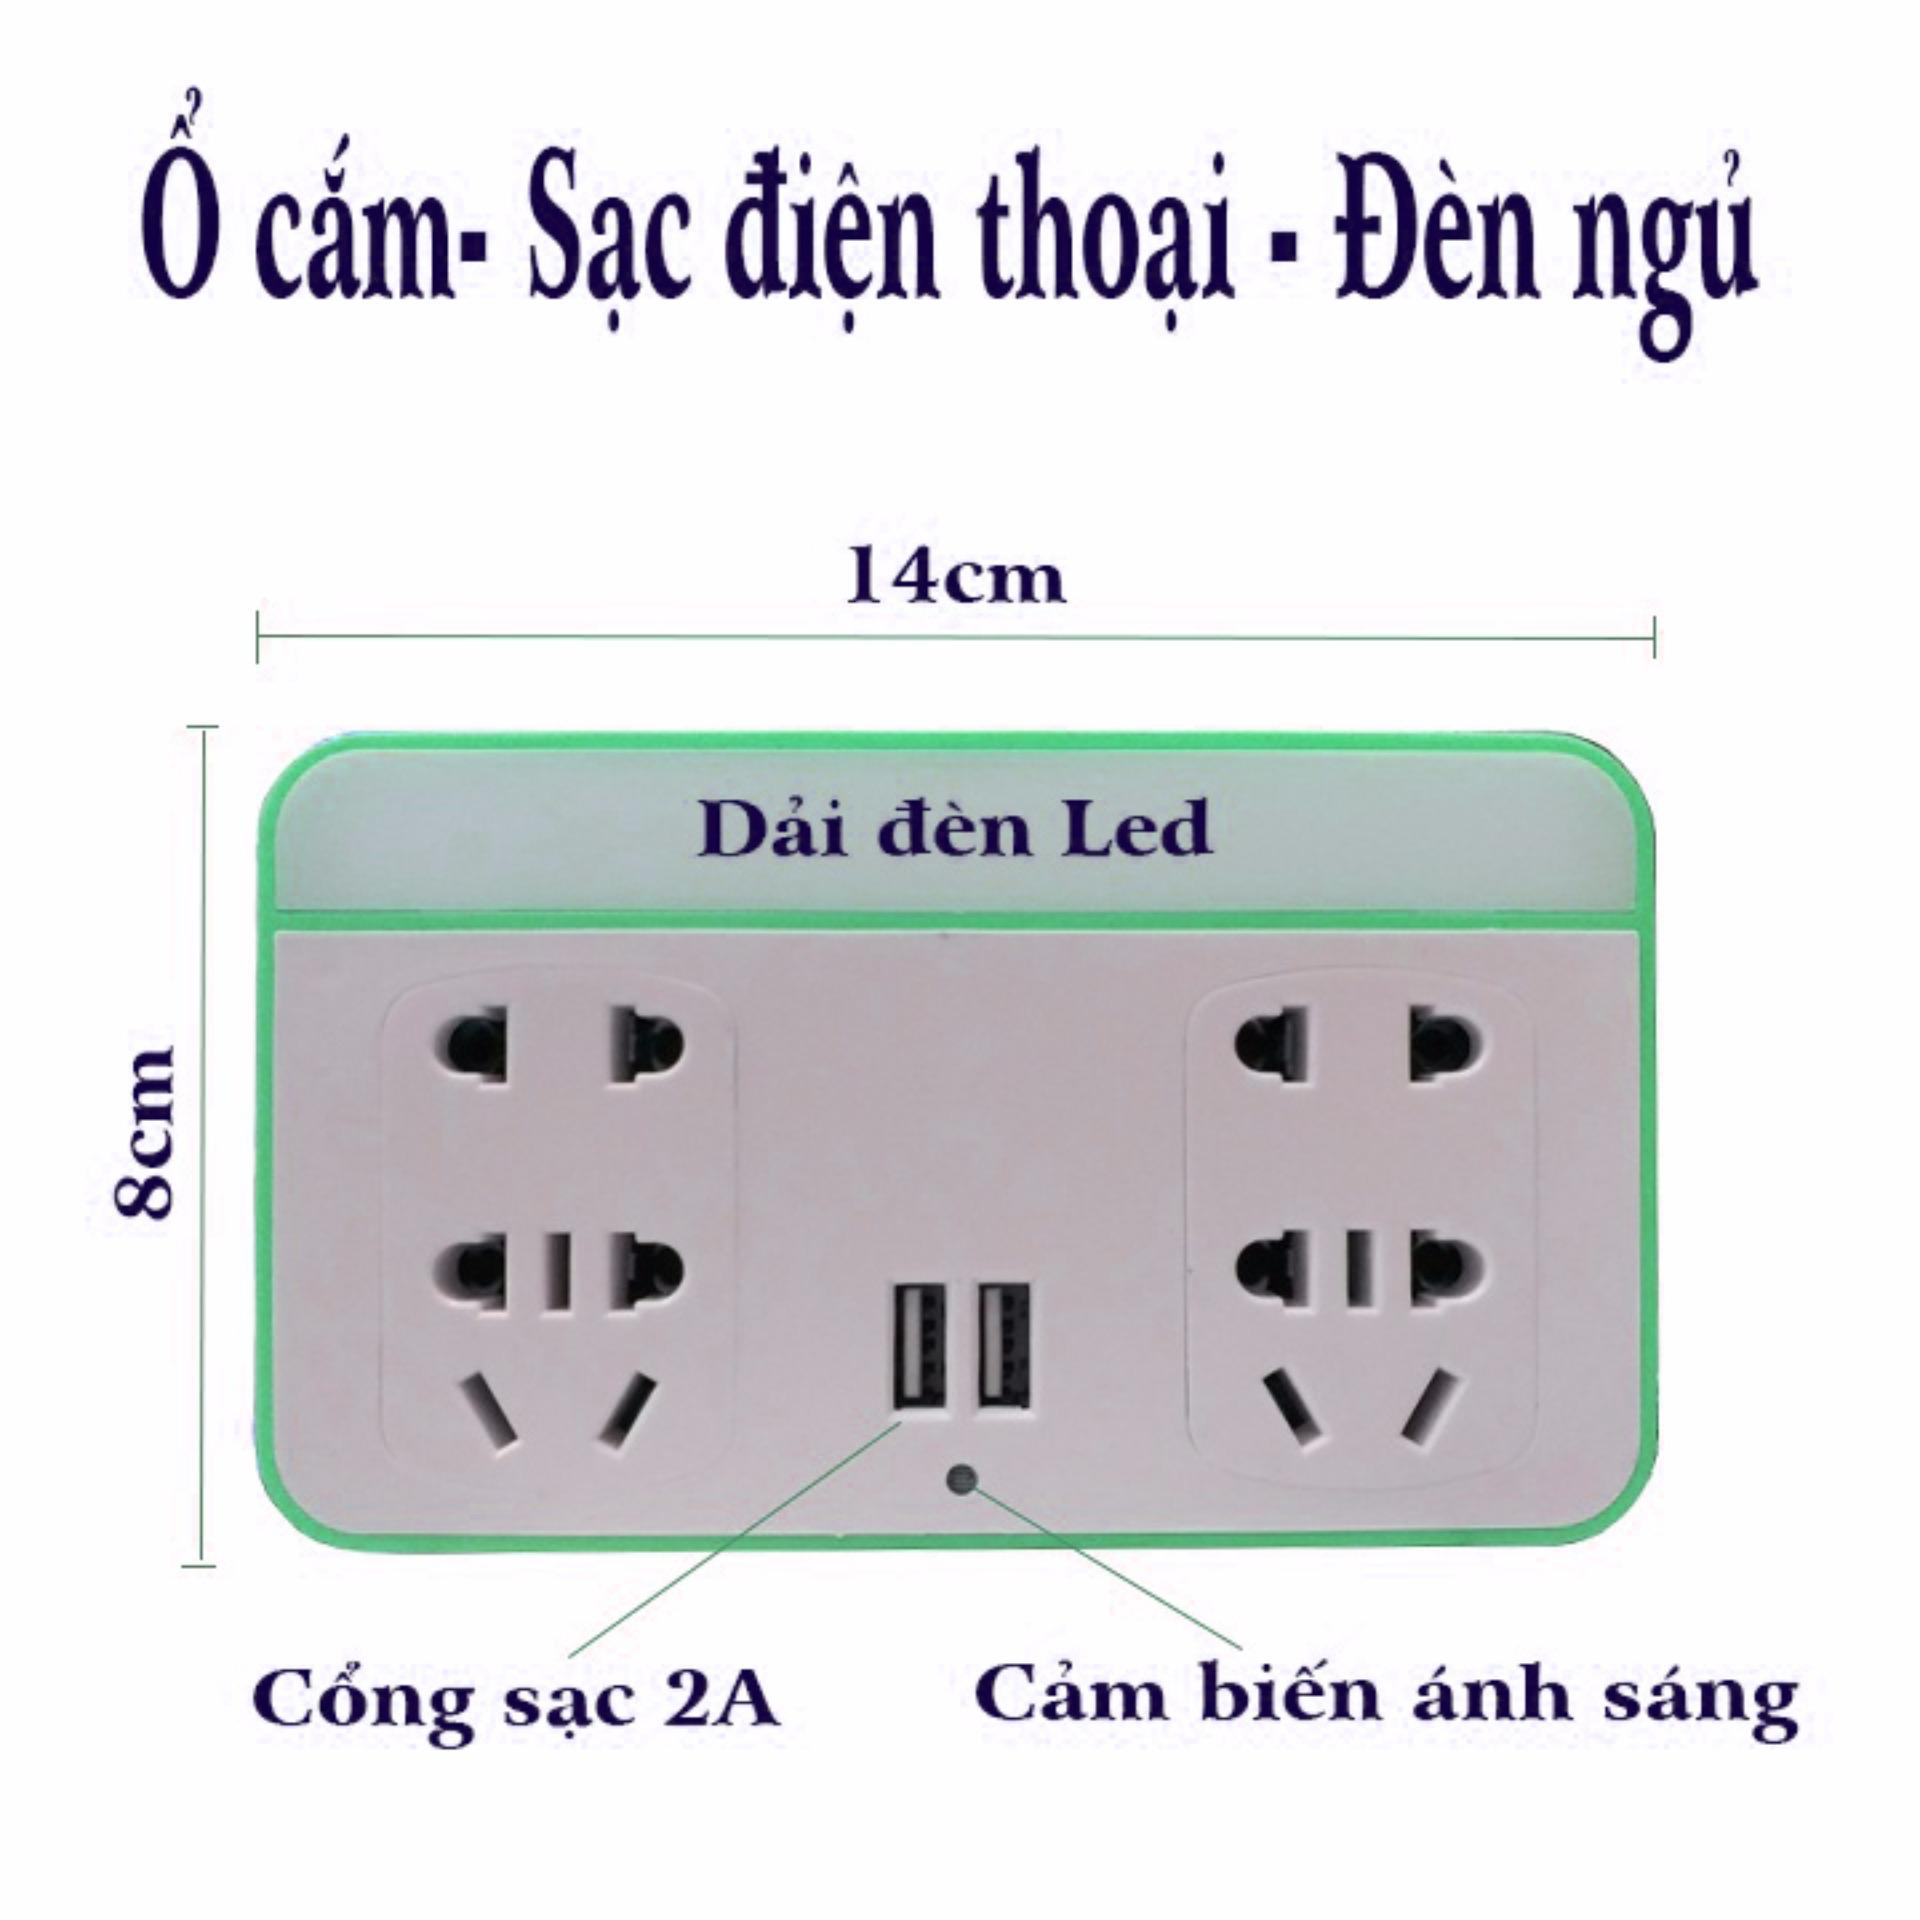 Ổ cắm kiêm sạc điện thoại và đèn ngủ cảm biến thông minh (Xanh lá)